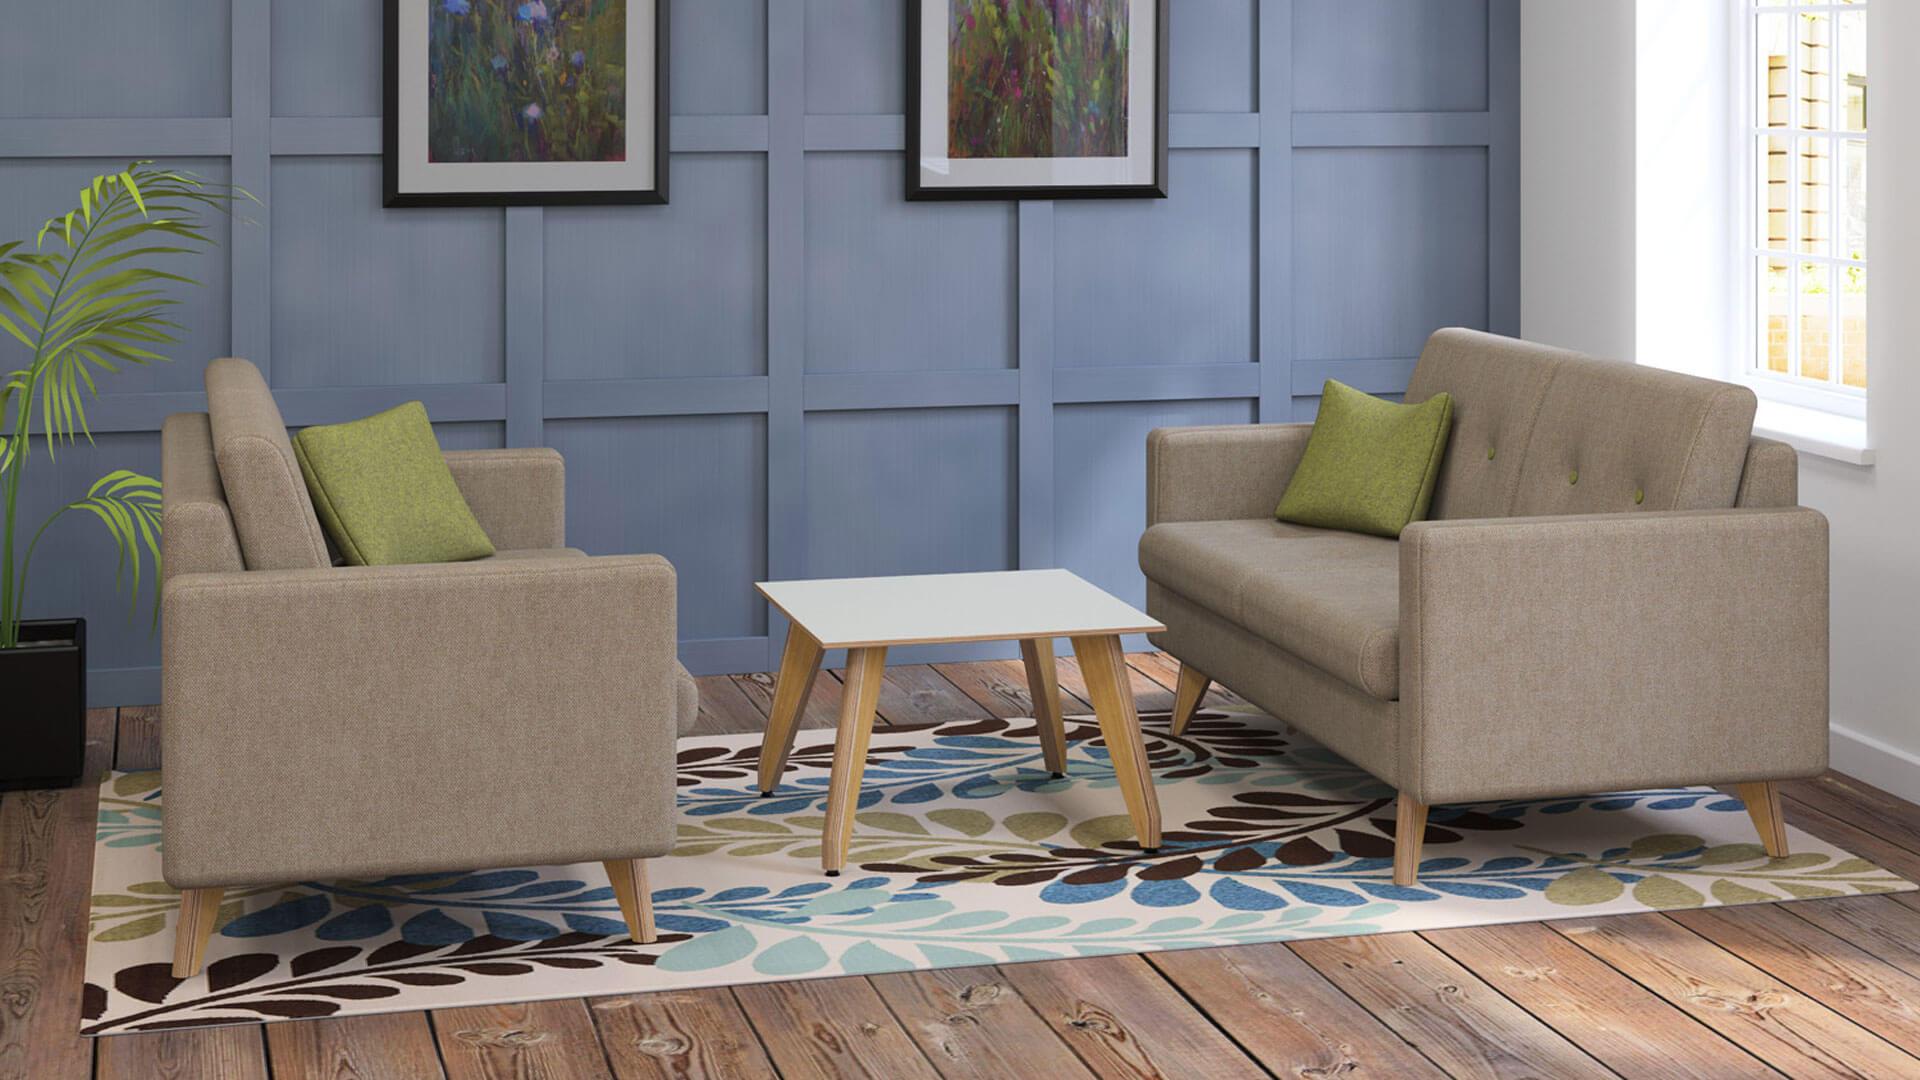 Furniture Brands & Manufacturers